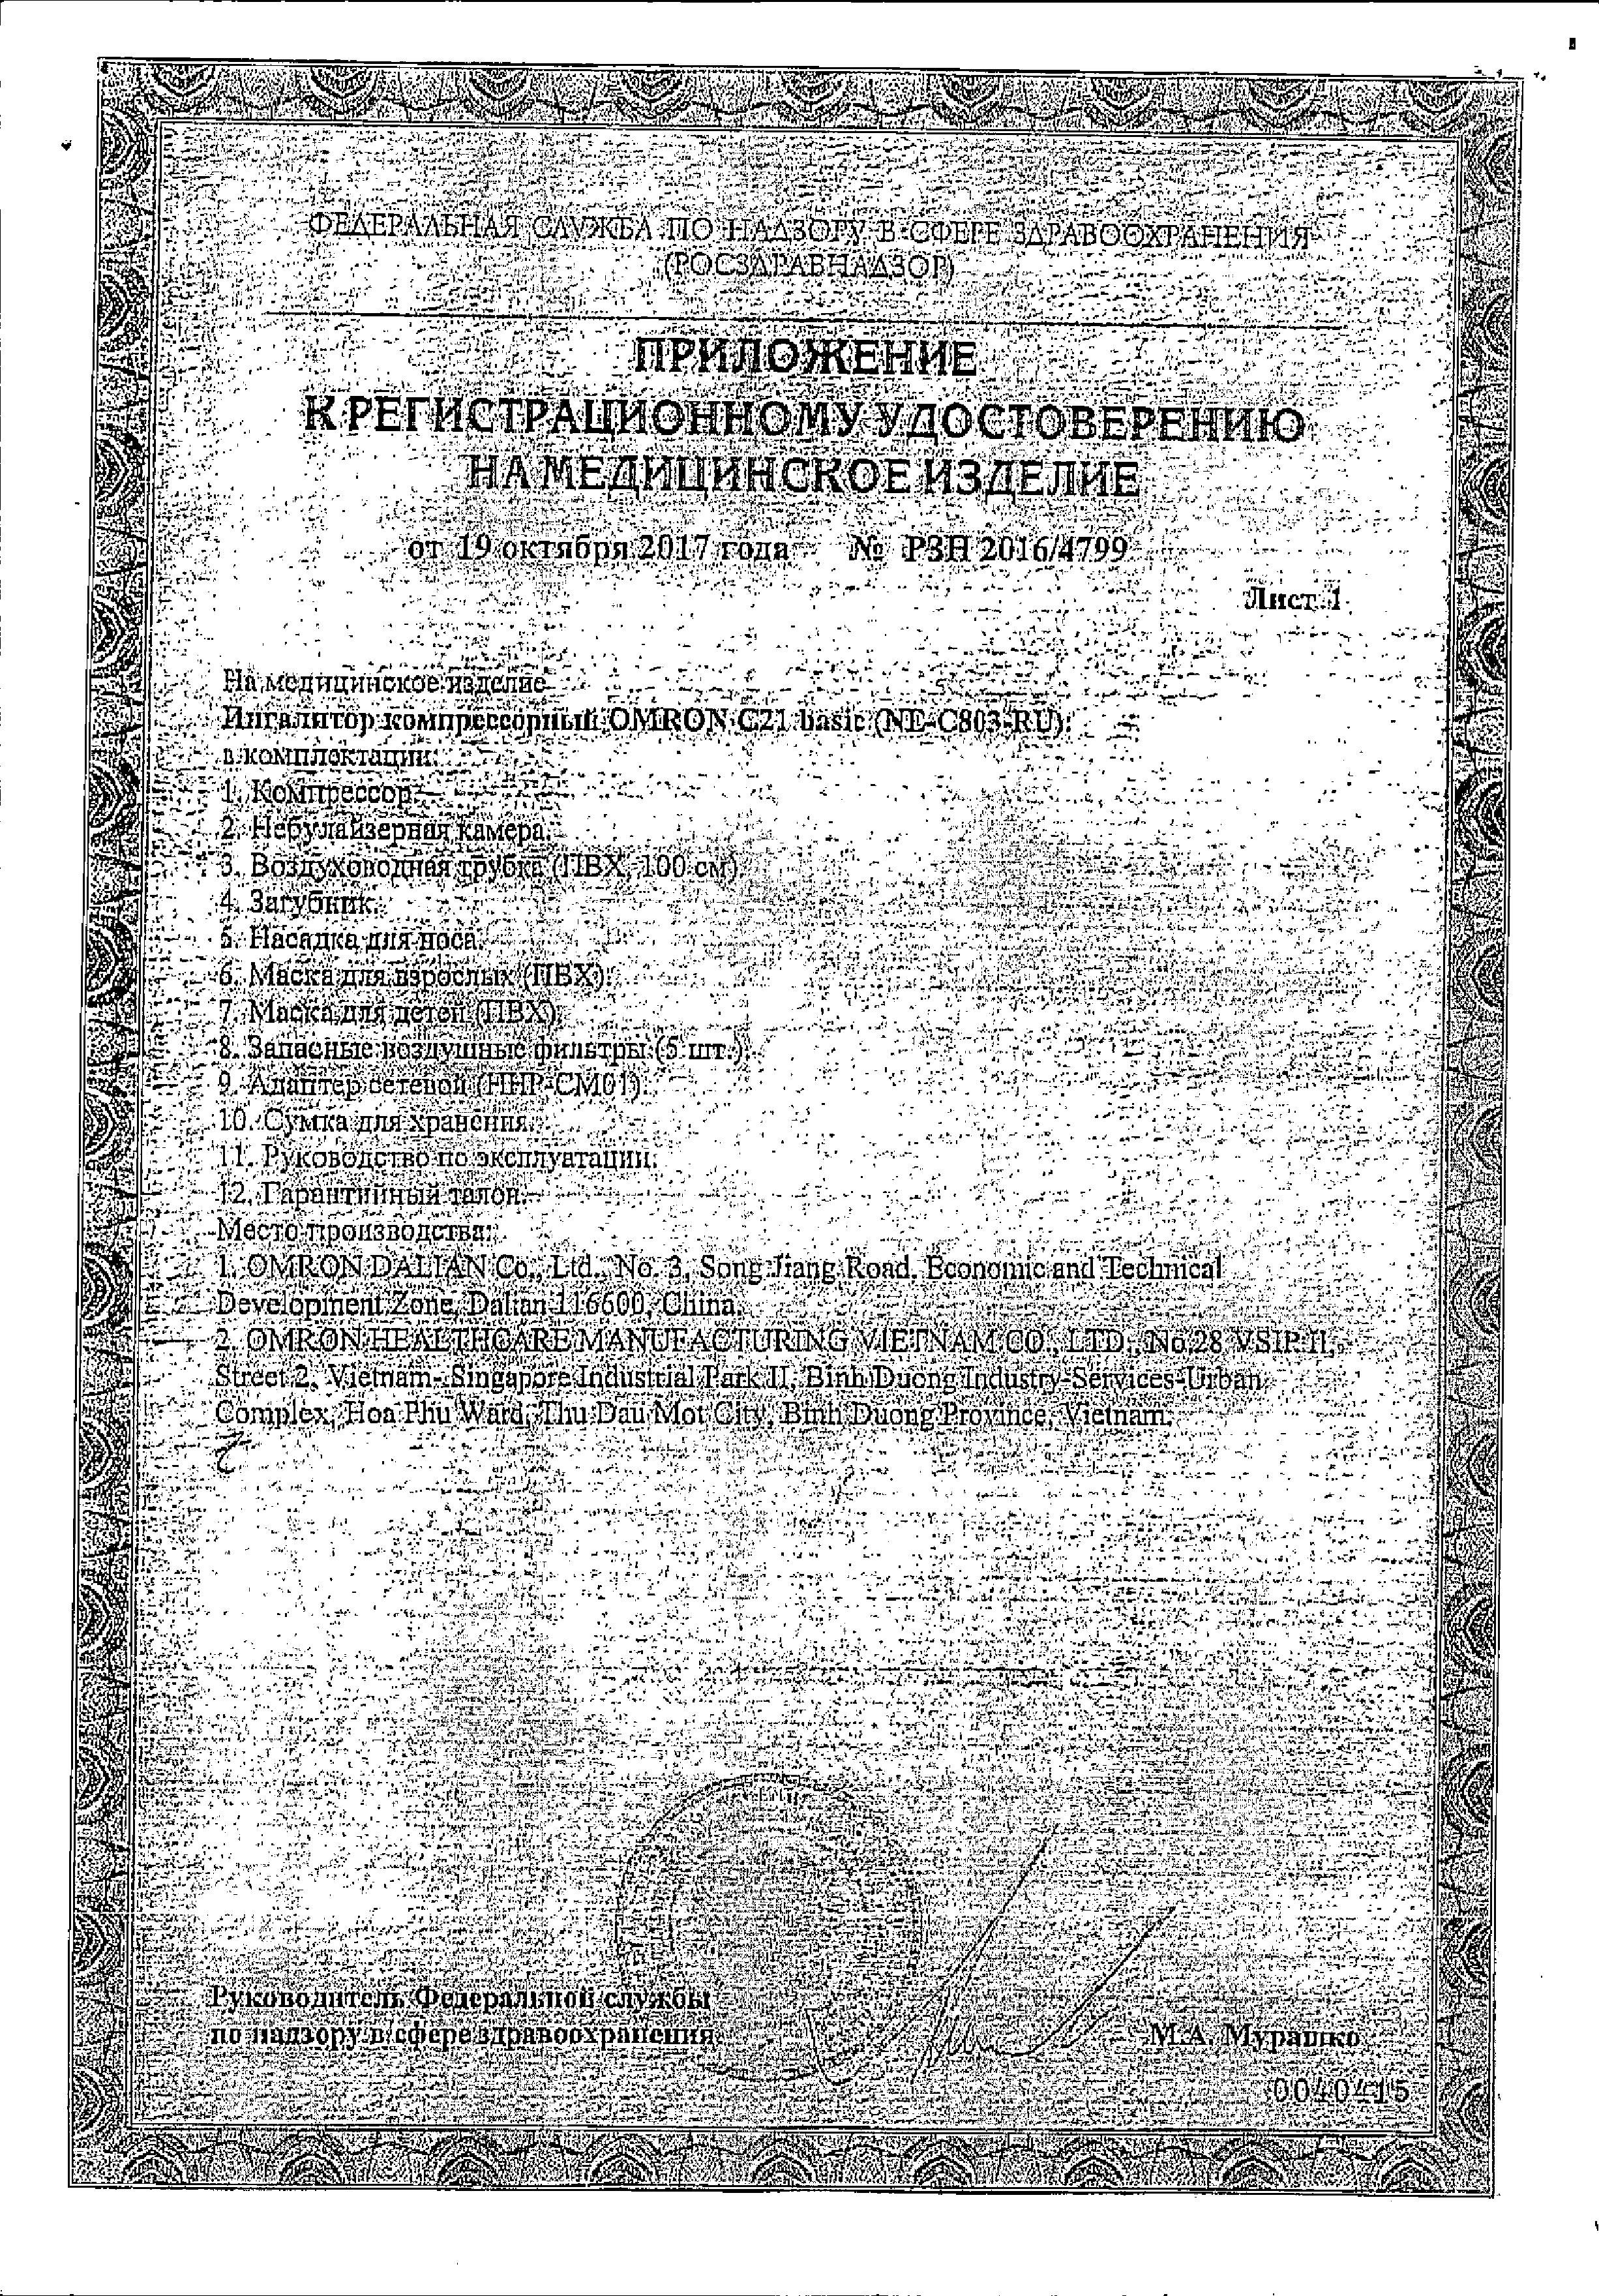 Ингалятор Omron C21 Basic компрессорный сертификат